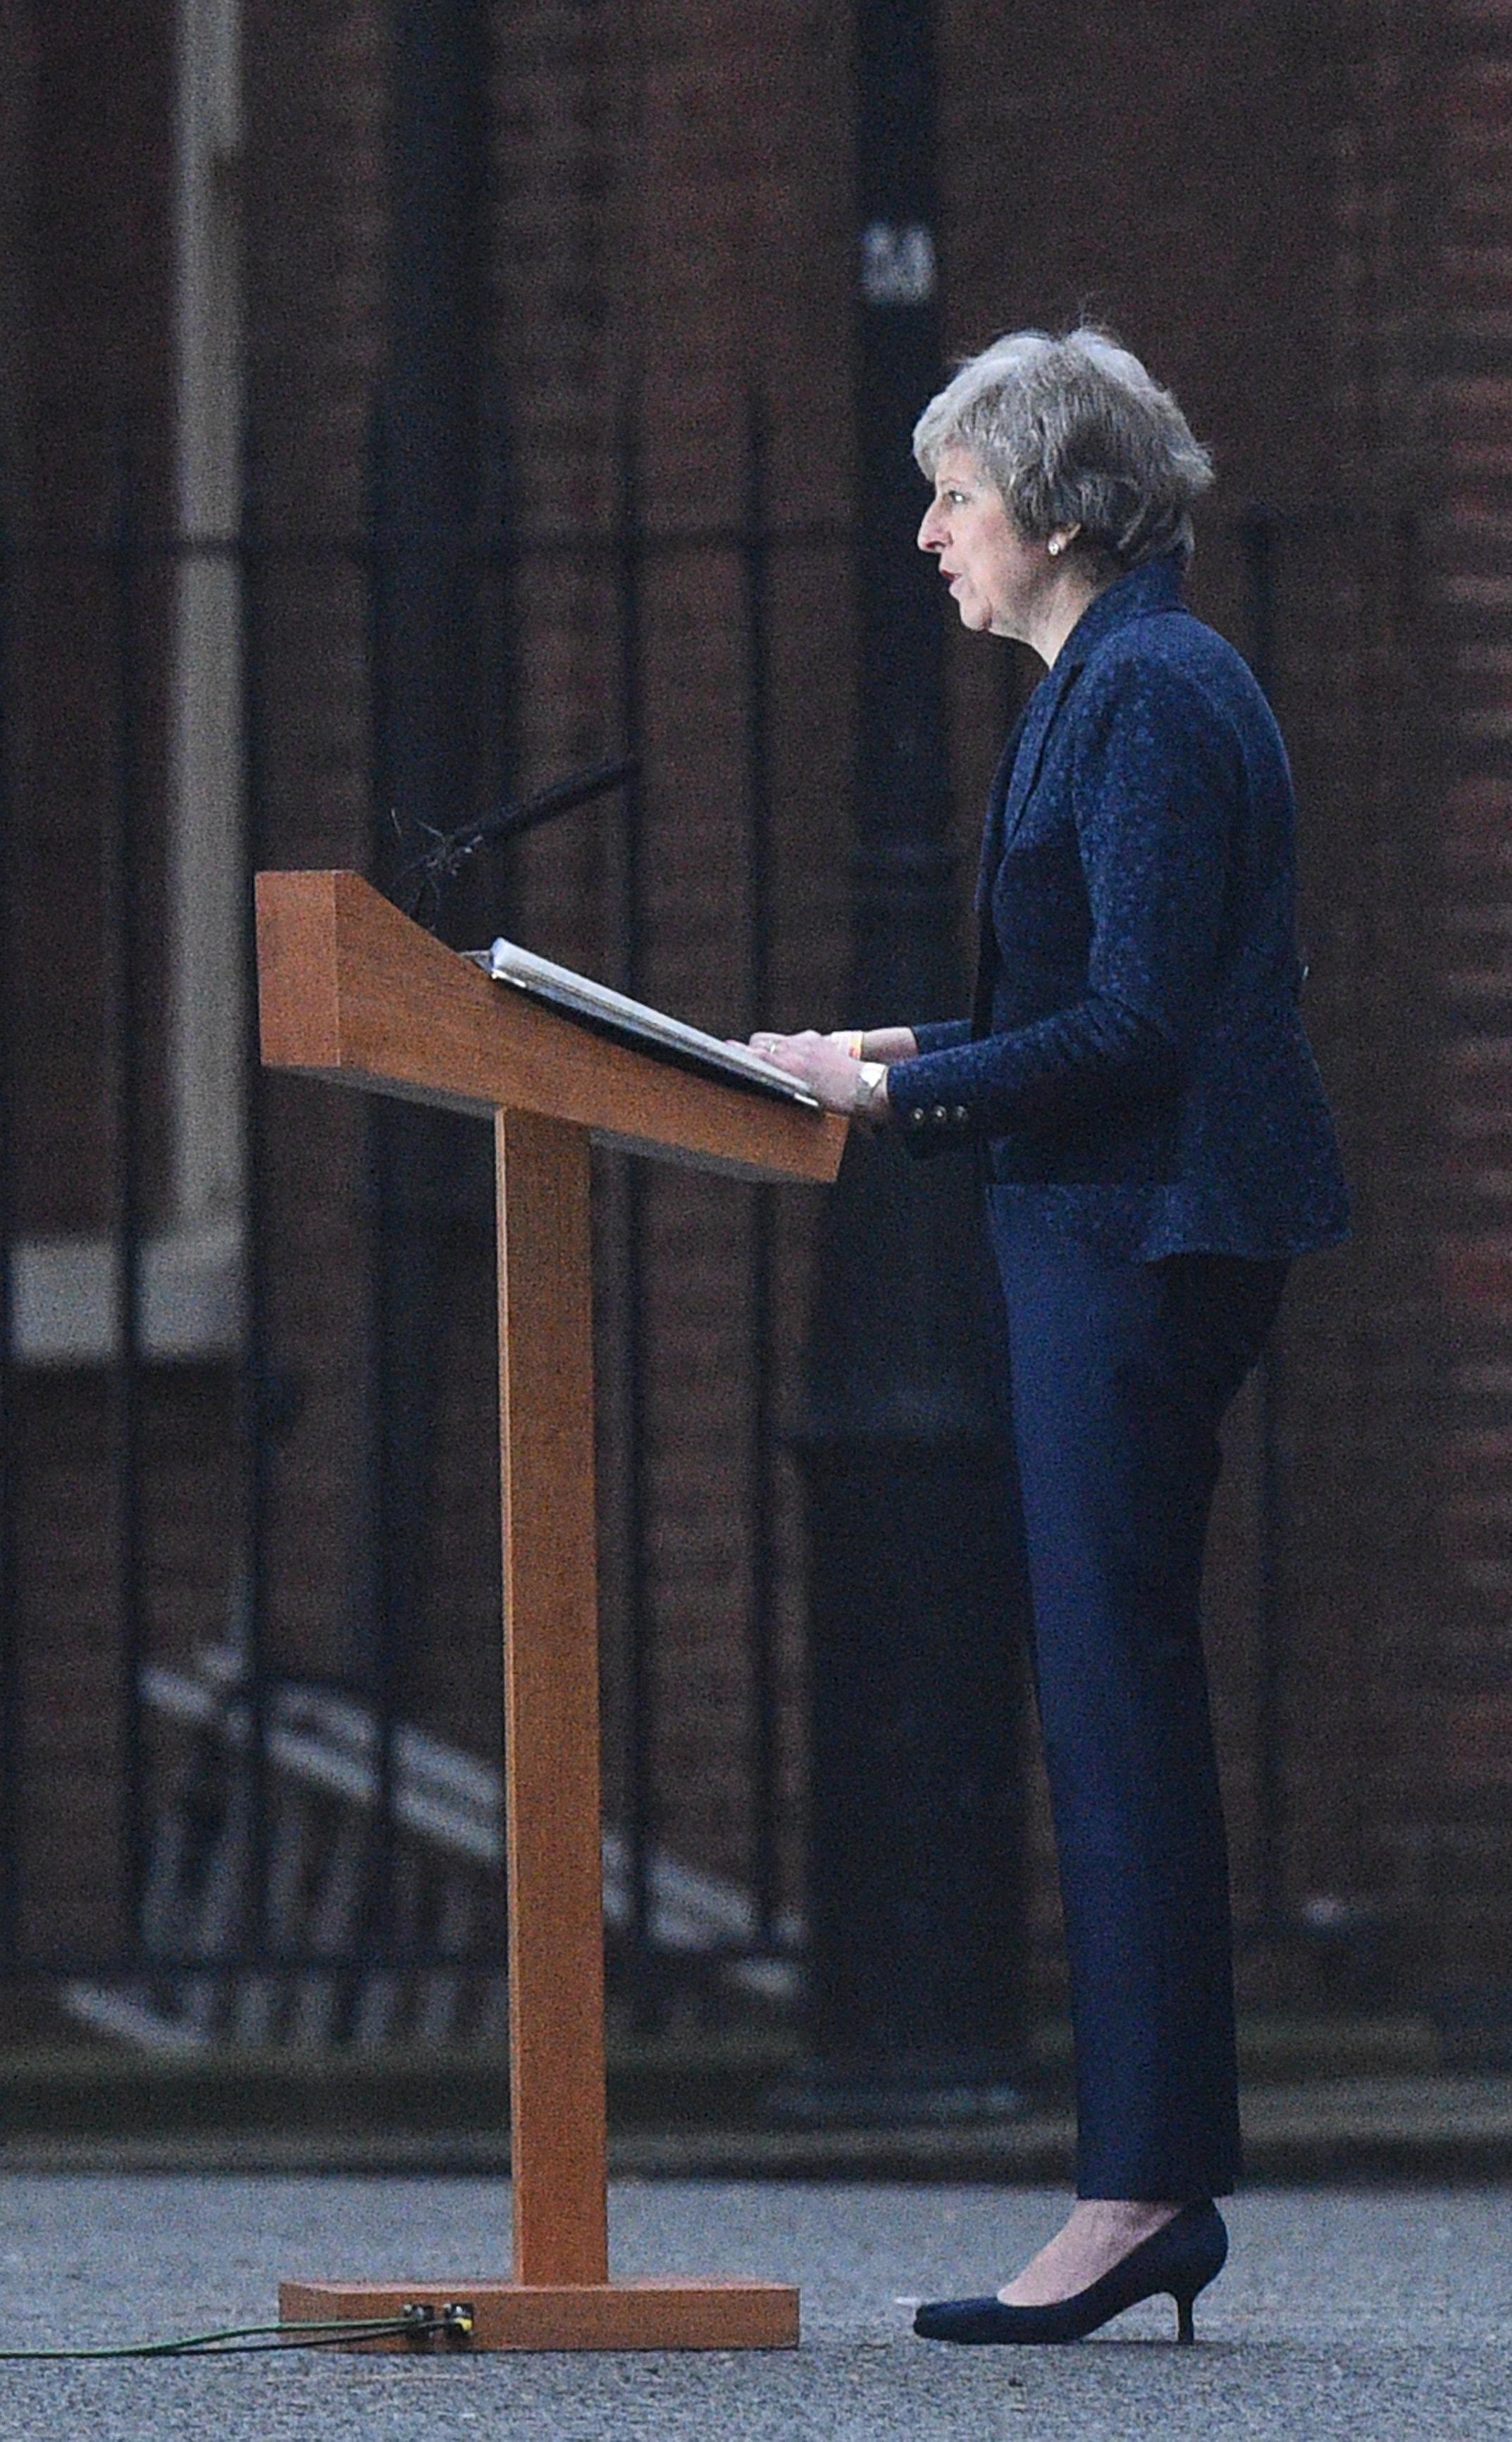 Großbritanniens Premierministerin Theresa May während ihrer Rede am Mittwochmorgen.